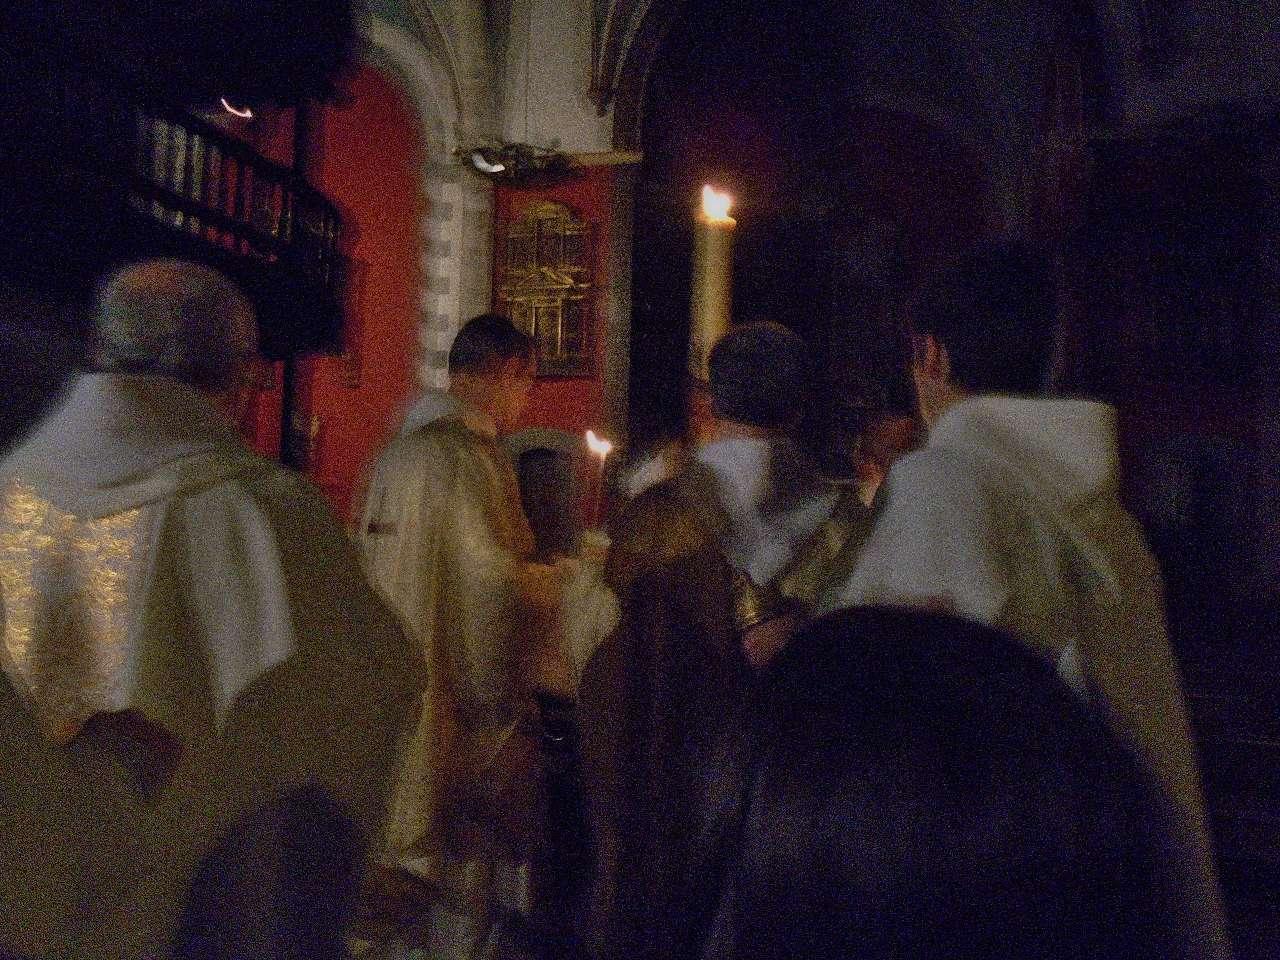 L'Eglise est plongée dans le noir. En effet, la lumière de la résurrection vient faire la lumière dans les parties sombres de notre vie, vient les éclairer et les transfigurer.